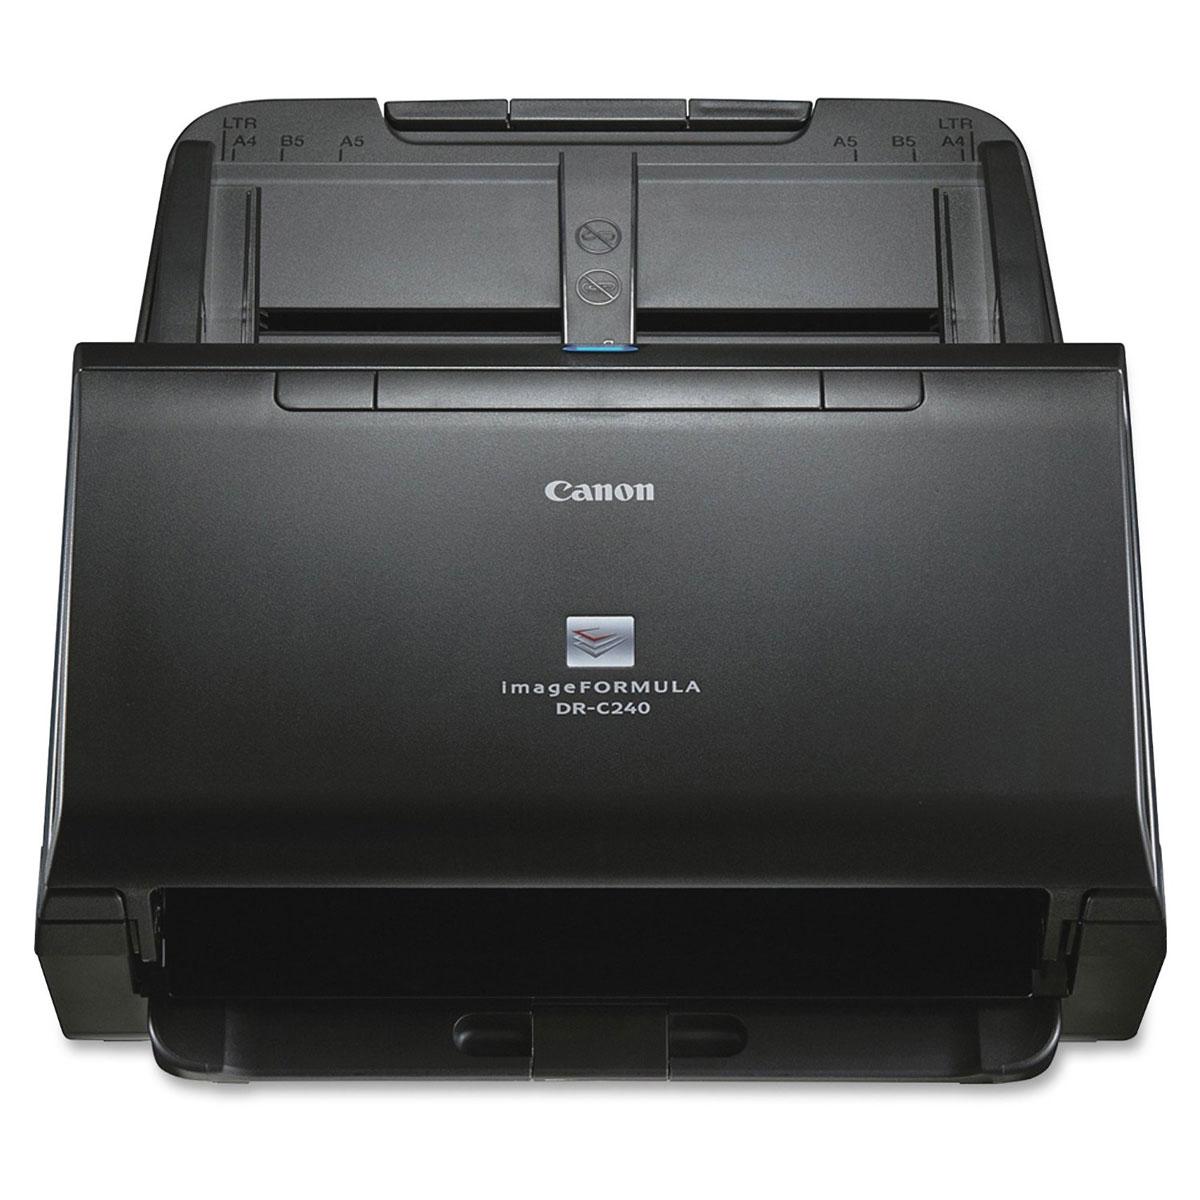 Canon DR-C240 (0651C003) сканер0651C003Canon DR-C240 — это сверхкомпактный и мощный настольный сканер, который имеет прочную конструкцию и обеспечивает надежную подачу бумаги для сканирования документов разнообразных форматов и размеров, в том числе паспортов.Исключительное качество конструкции Canon DR-C240 и функции, направленные на увеличение производительности, являются настоящим прорывом в этом ценовом сегменте. Сканер DR-C240, обеспечивающий быстрое сканирование со скоростью до 45 стр/мин / 90 изобр/мин — естественный комплексный выбор для офисов и рабочих групп. Бесшумная работа сканера и его компактный и привлекательный настольный дизайн производят приятное впечатление в административных офисах и точках обслуживания клиентов, например, в банках, отелях, больницах и правительственных учреждениях. Прочная конструкция и надежное устройство подачи документов сканера Canon DR-C240 были разработаны в соответствии с отзывами клиентов. Этот сканер выходит на новый уровень по качеству конструкции в своем классе, легко сканируя до 4000 документов в день. Максимизация производительности благодаря устройству автоматической подачи документов на 60 листов, которое обеспечивает надежную подачу документов разных форматов и типов материалов для печати: от паспортов и пластиковых карт до двусторонних документов формата A4, A3 (использование сложенного листа) и длинных документов до 3 м в длину. Непрерывность рабочего процесса обеспечивается сканером Canon DR-C240 за счет мощного высококачественного механизма подачи, который гарантирует лучшую в этом классе надежность сканирования разнообразных документов, включая ультратонкую бумагу плотностью от 27 г/м2. Функции ультразвукового определения двойной подачи бумаги и сброса двойной подачи (DFR) обеспечивают быстрый перезапуск сканирования, сводя время простоя к минимуму. Canon DR-C240 оснащен широким набором функций высококачественной обработки изображений. К ним относятся автоматическое определение размера страницы и ориентации